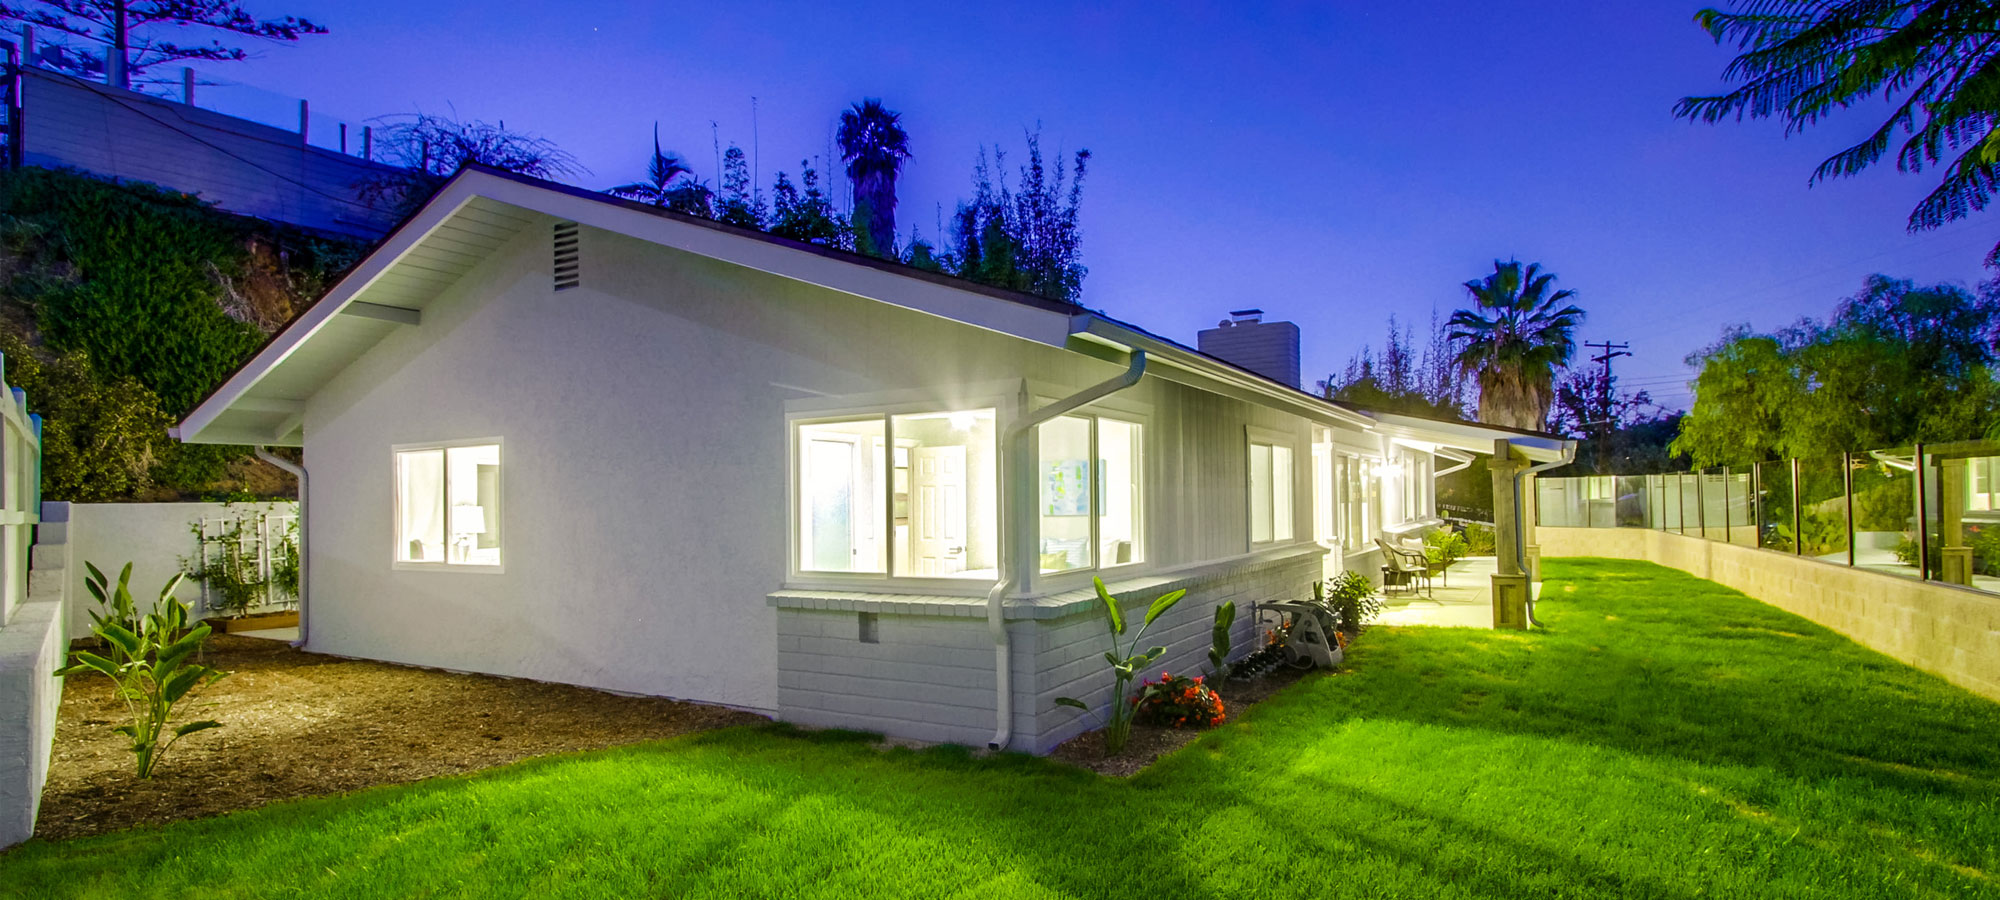 1280 Orpheus Ave, Encinitas, CA 92024